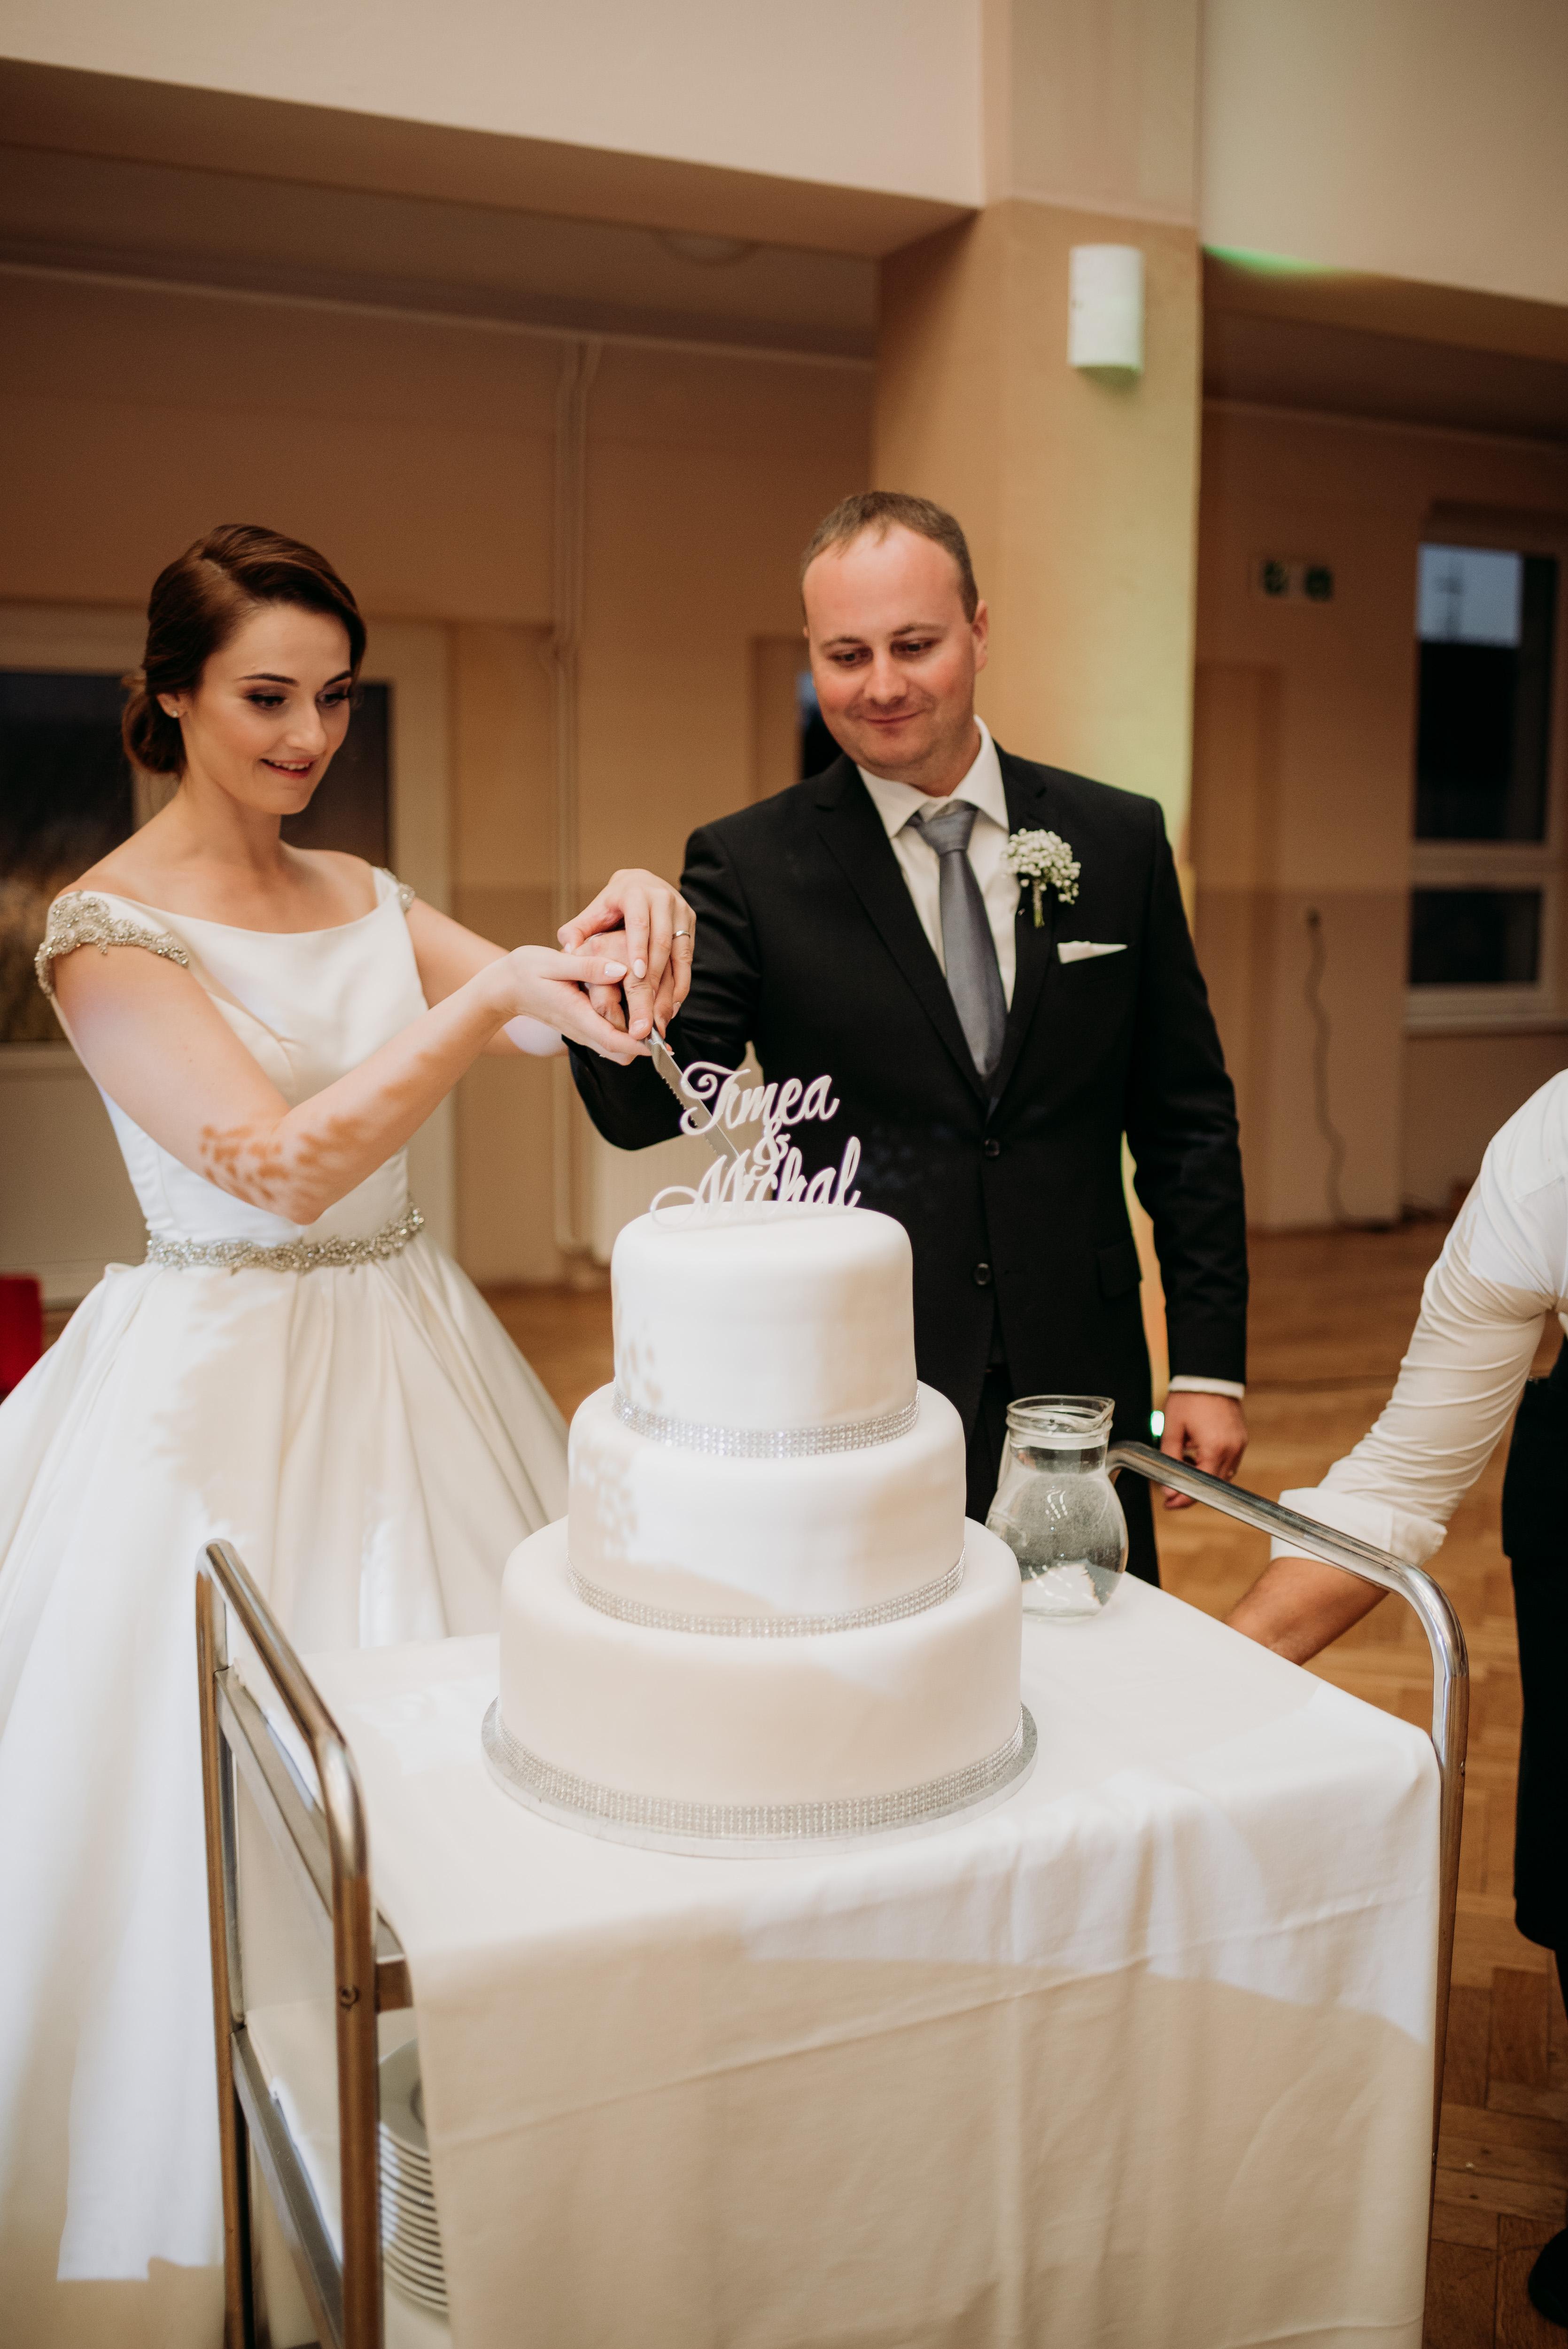 Svadba Výčapy-Opatovce, Svadba Kultúrny Dom 02, #svadobnyDJ, #djanasvadbu, #svadba, #VycapyOpatovce #DJAnavi